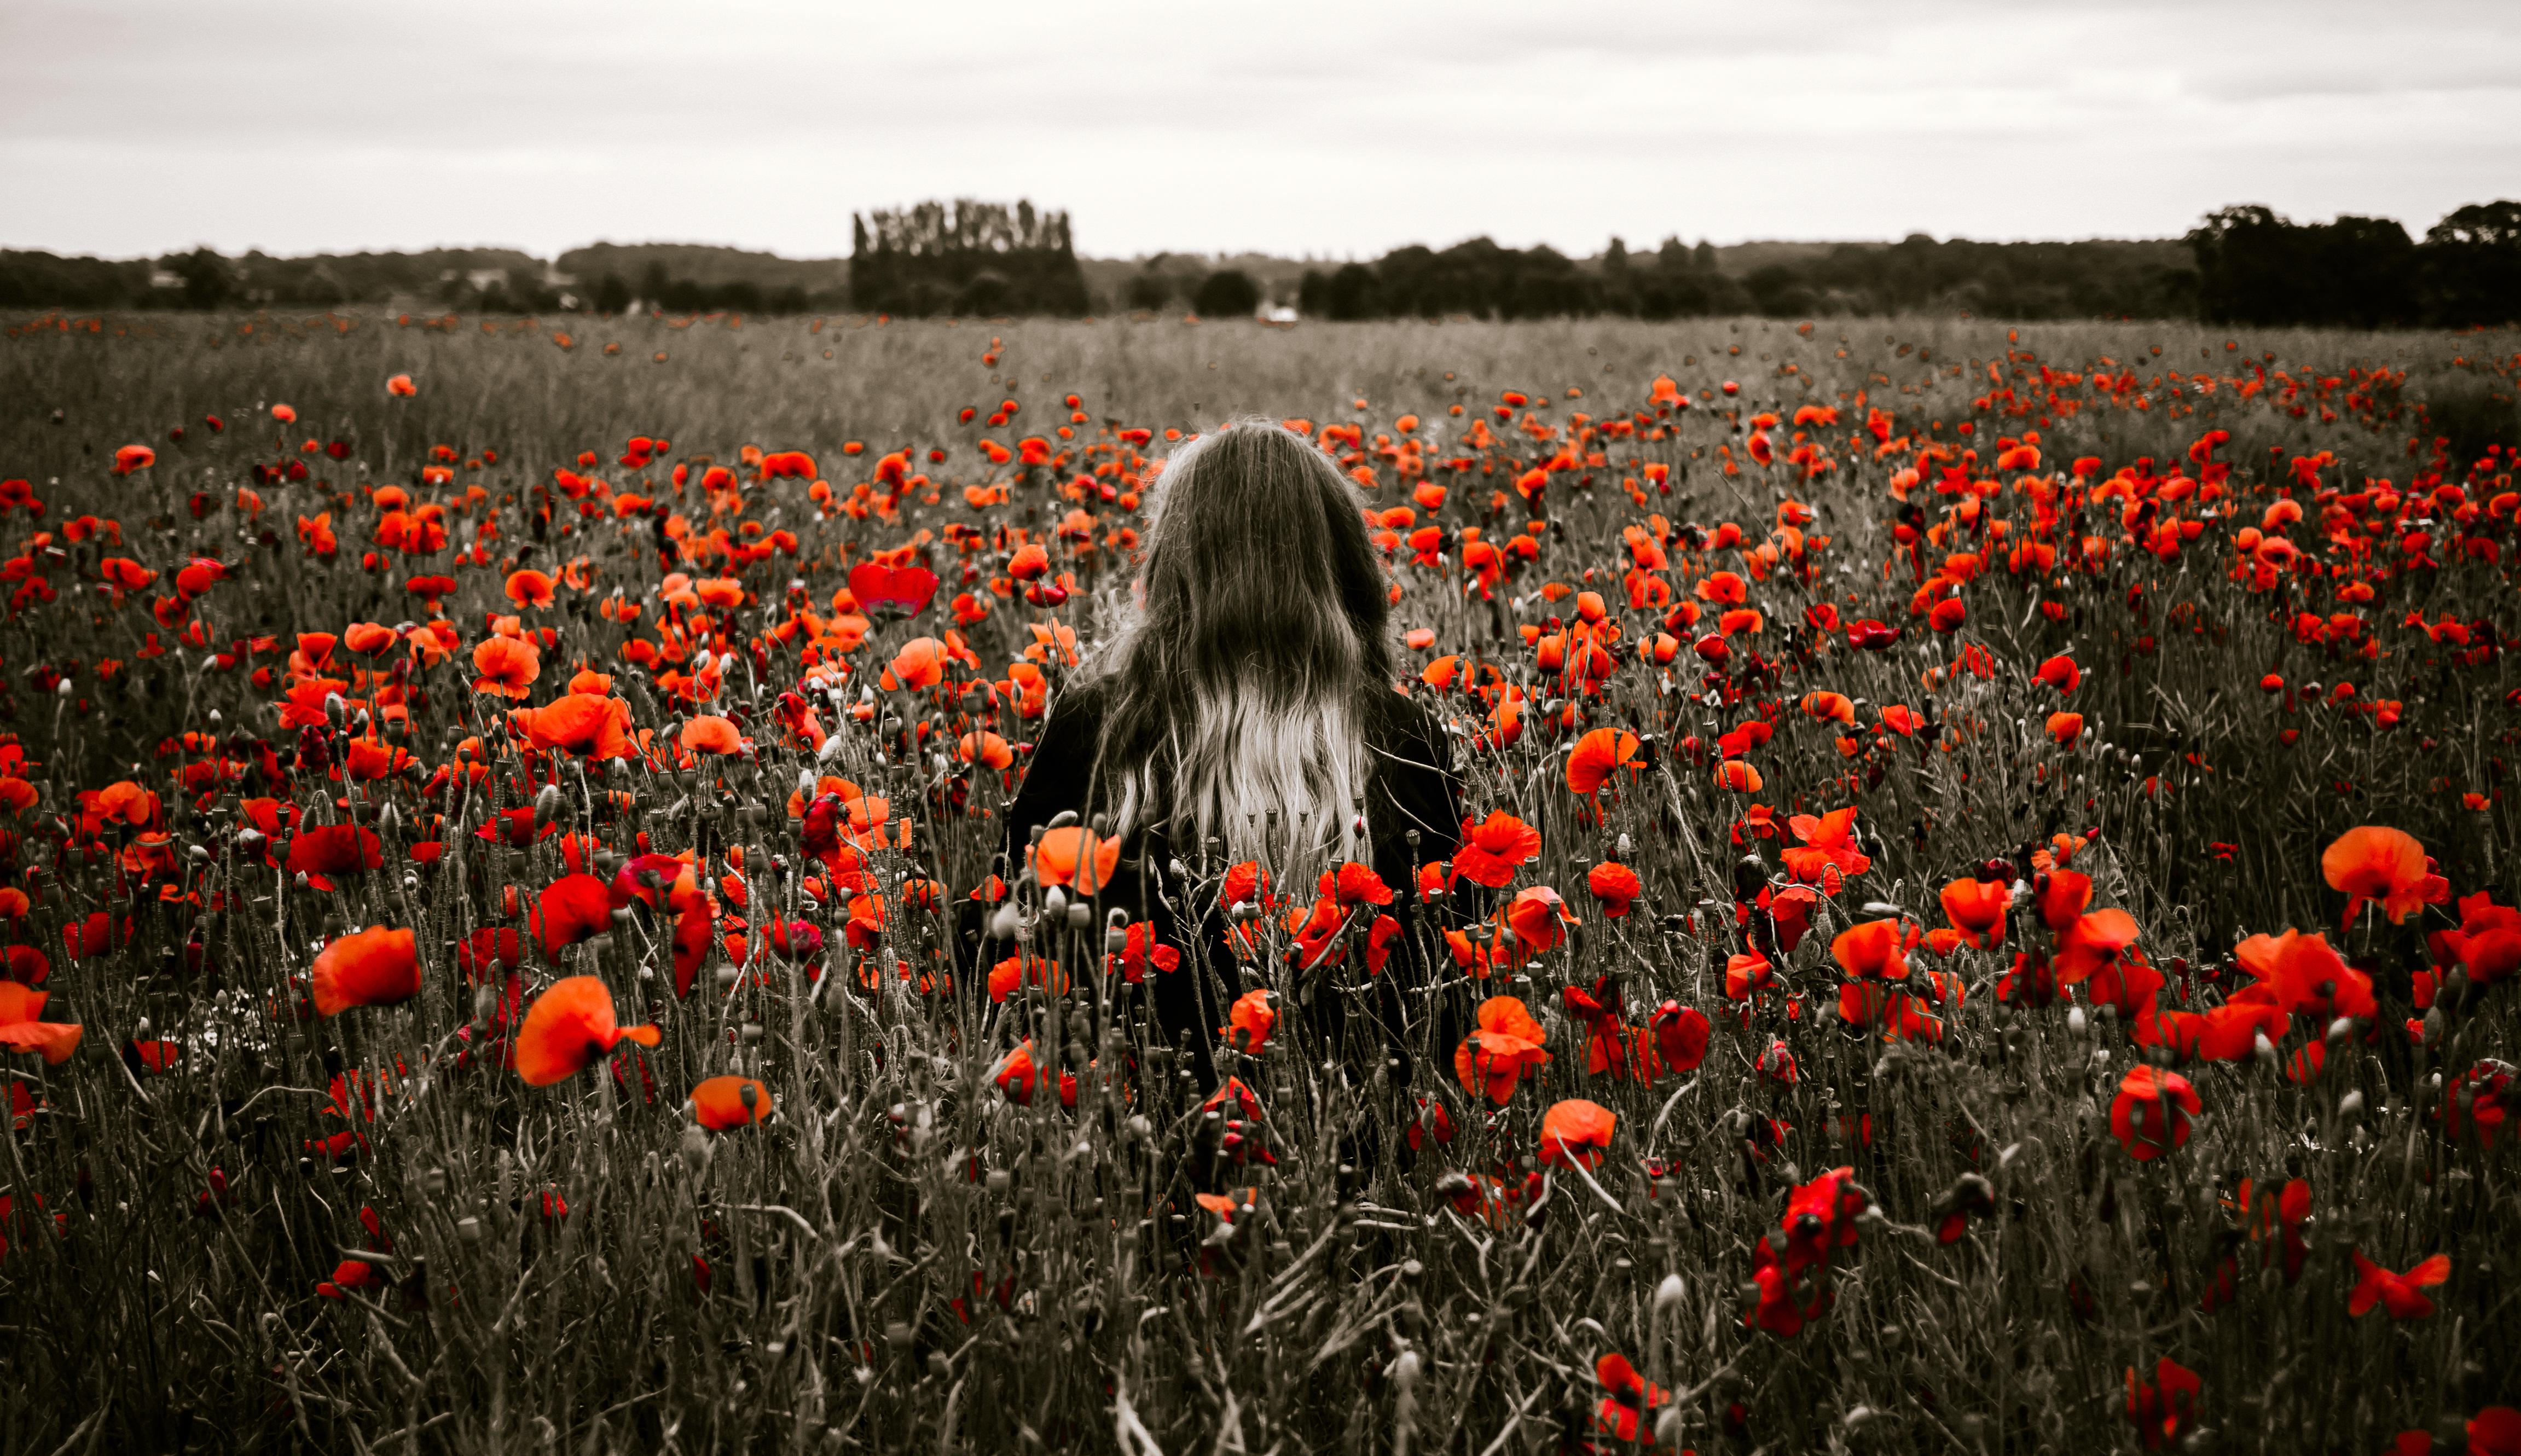 156521 скачать обои Природа, Цветы, Маки, Поле, Девушка - заставки и картинки бесплатно